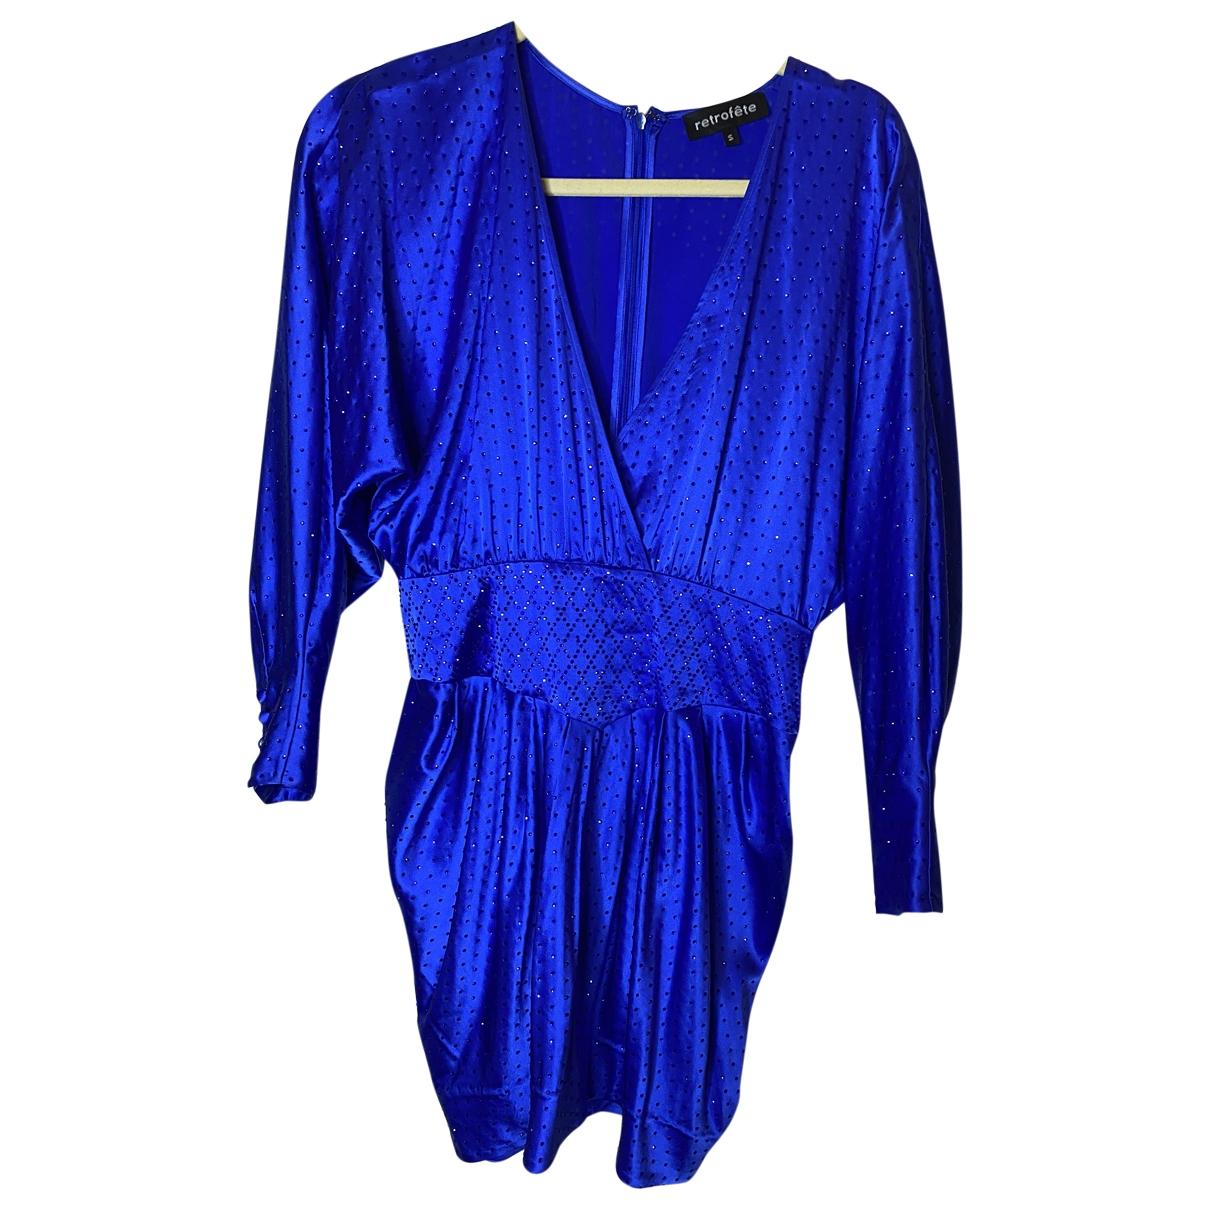 Retrofete \N Kleid in  Blau Seide